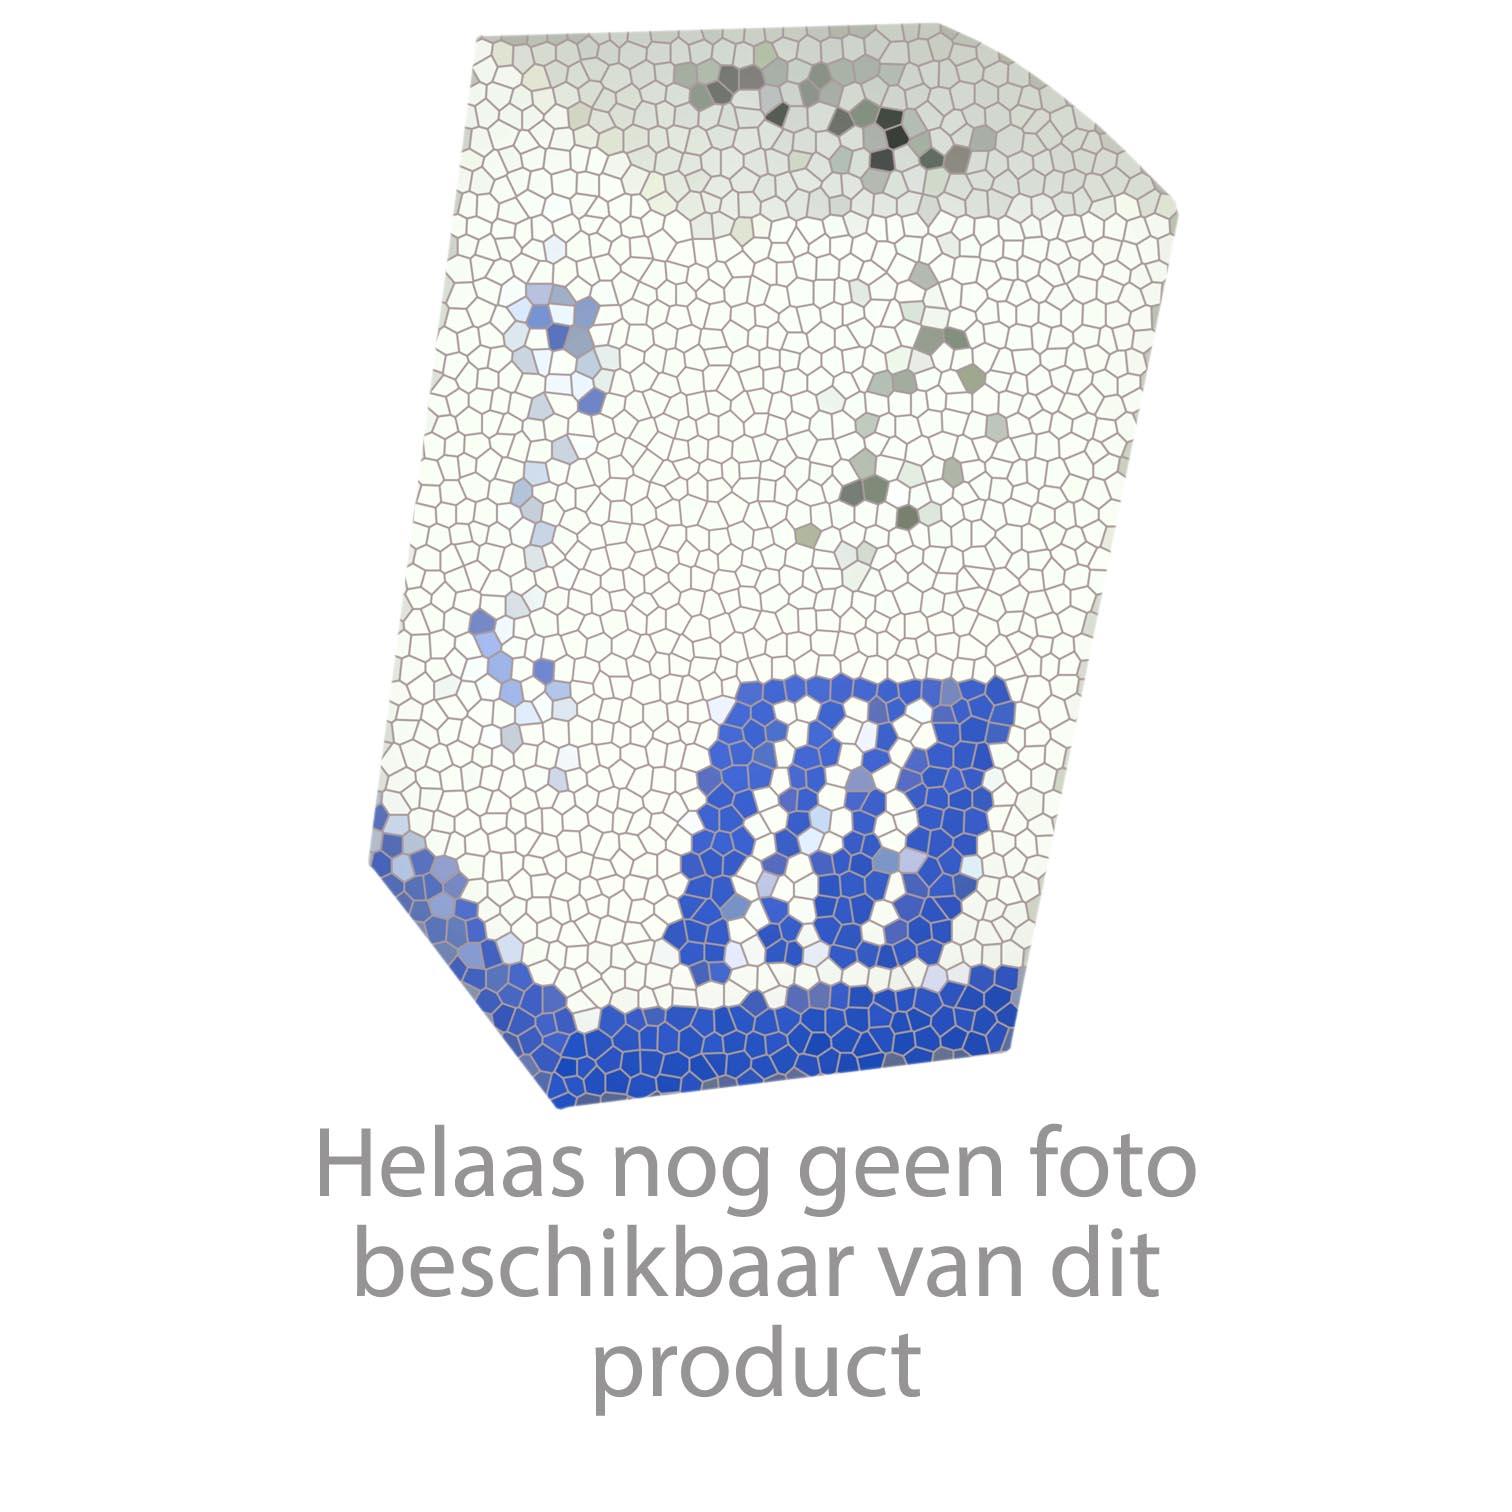 Vola Inbouwthermostaat met 3-weg omstel handdouche regendouche en 4 zijsprays. Geborsteld Chroom